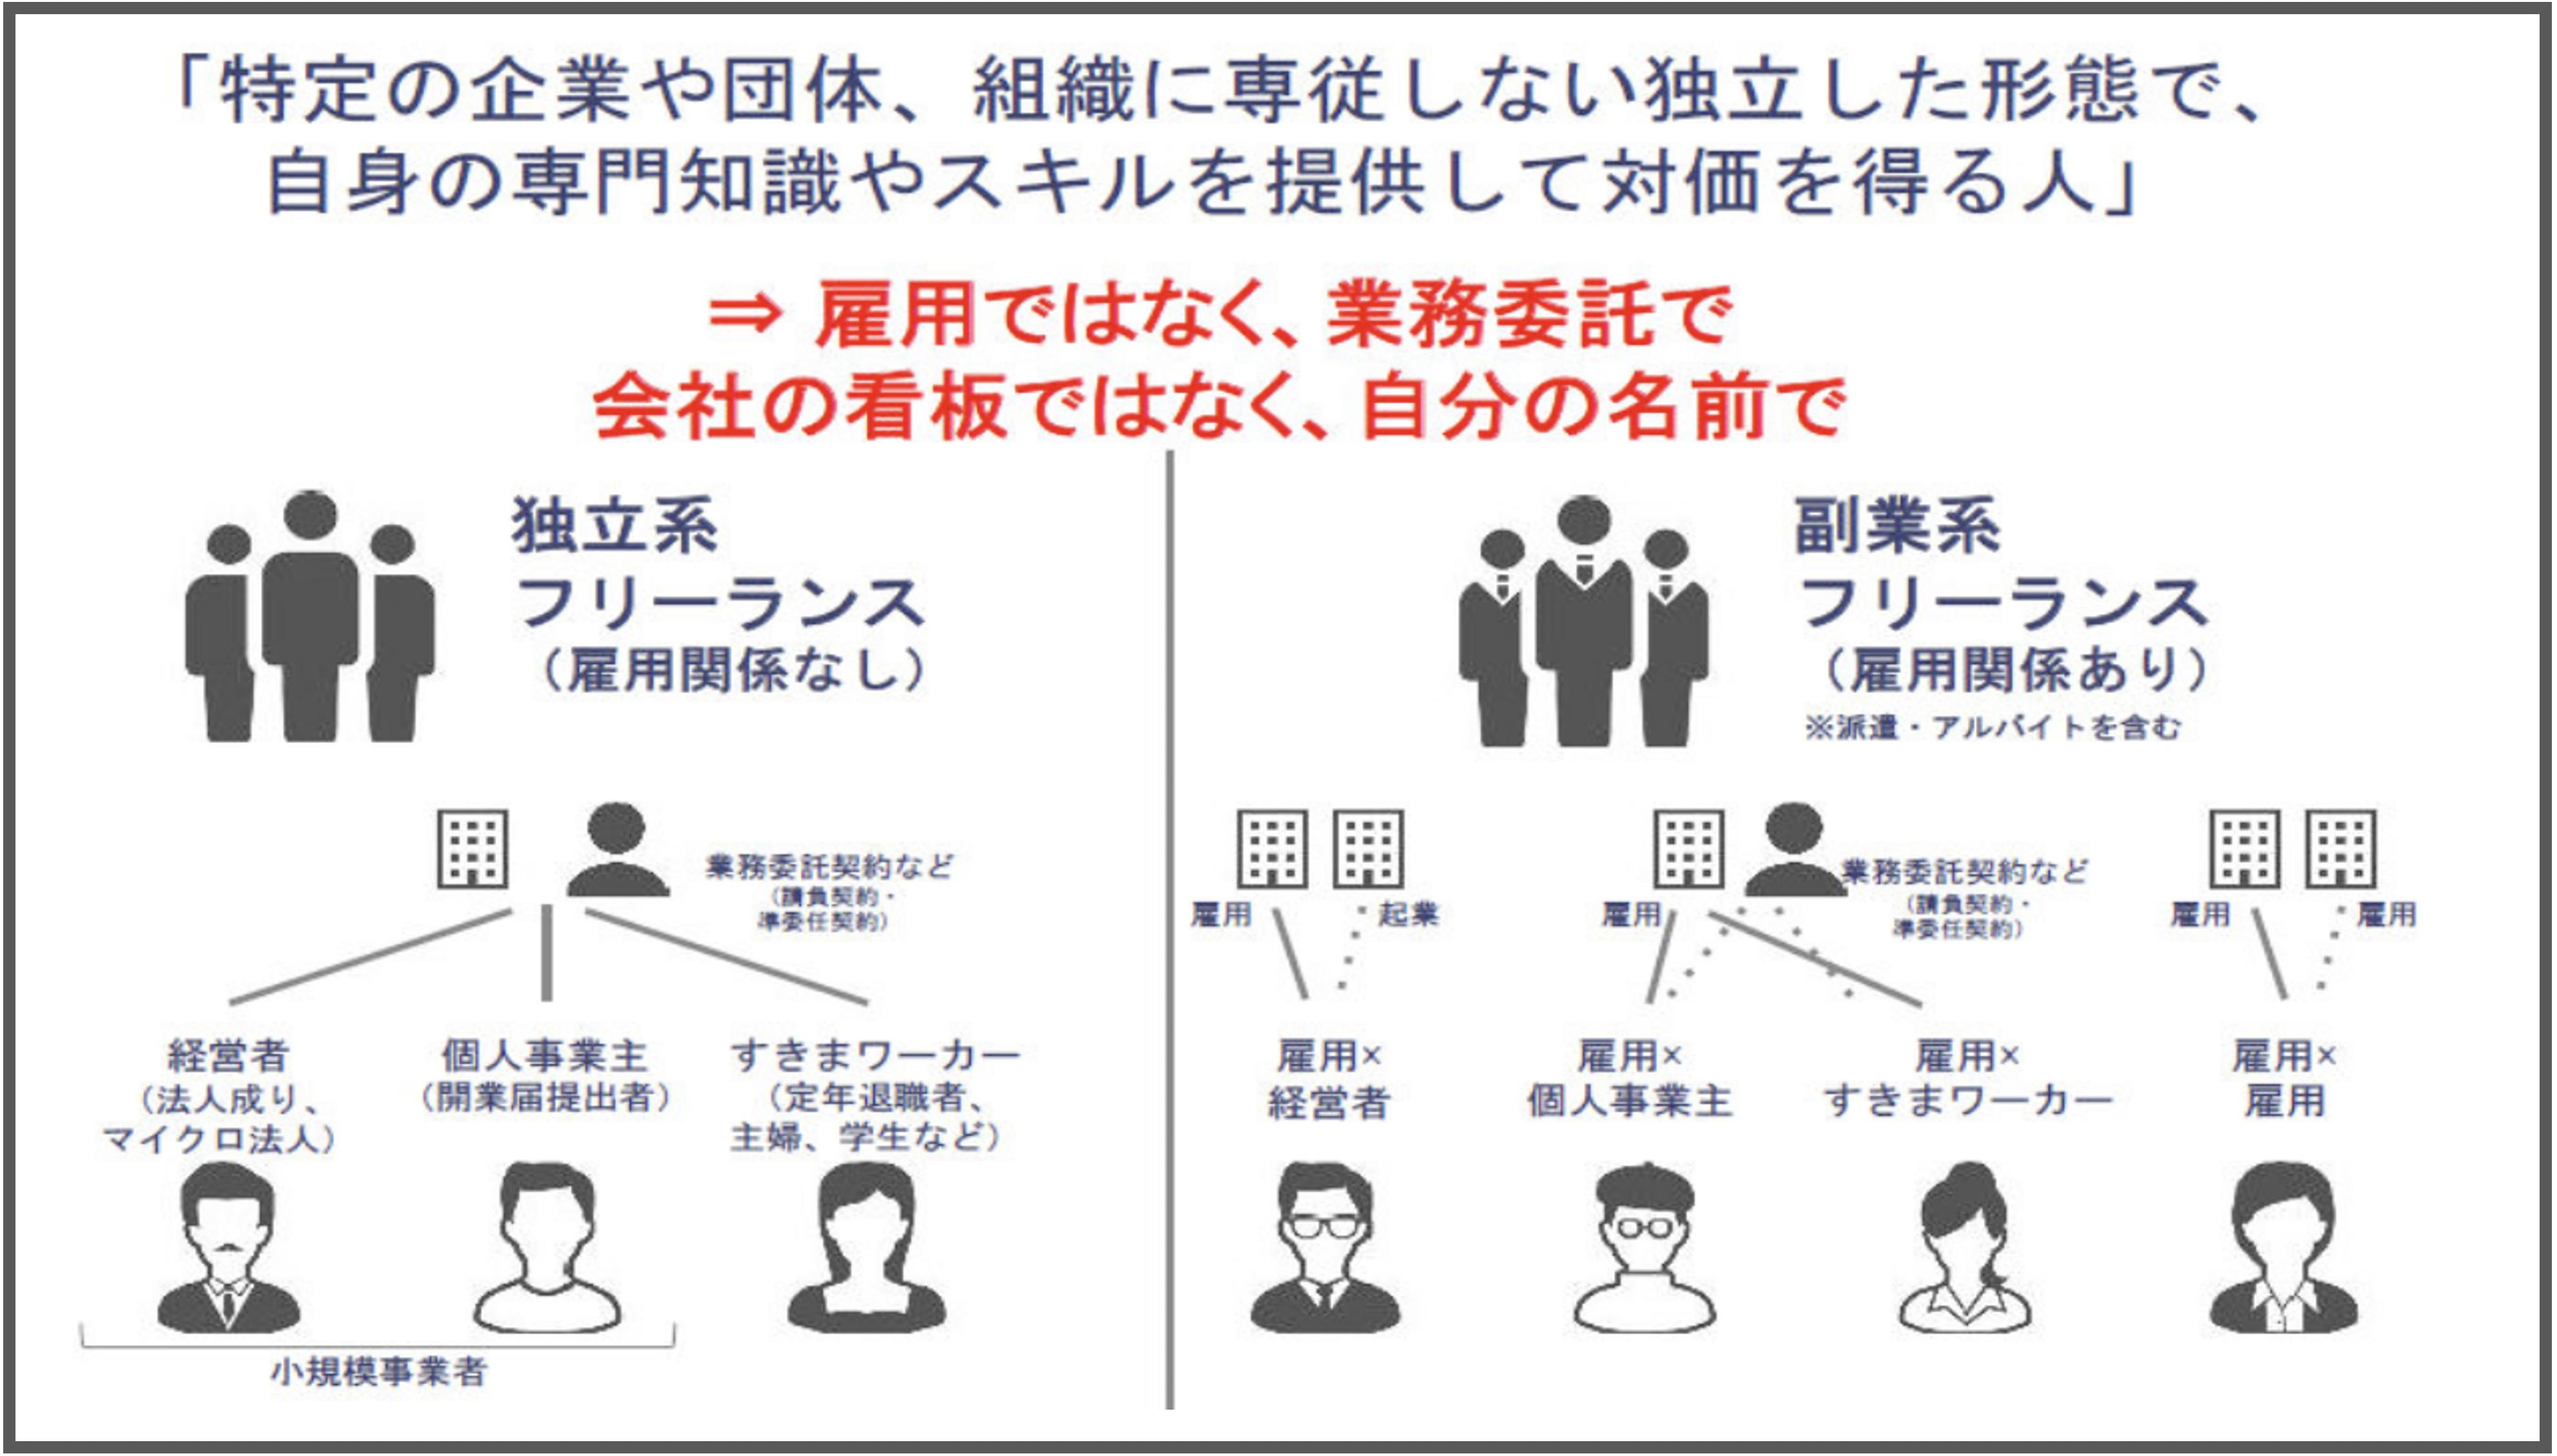 中小企業デジタル化応援隊におけるIT専門家の定義